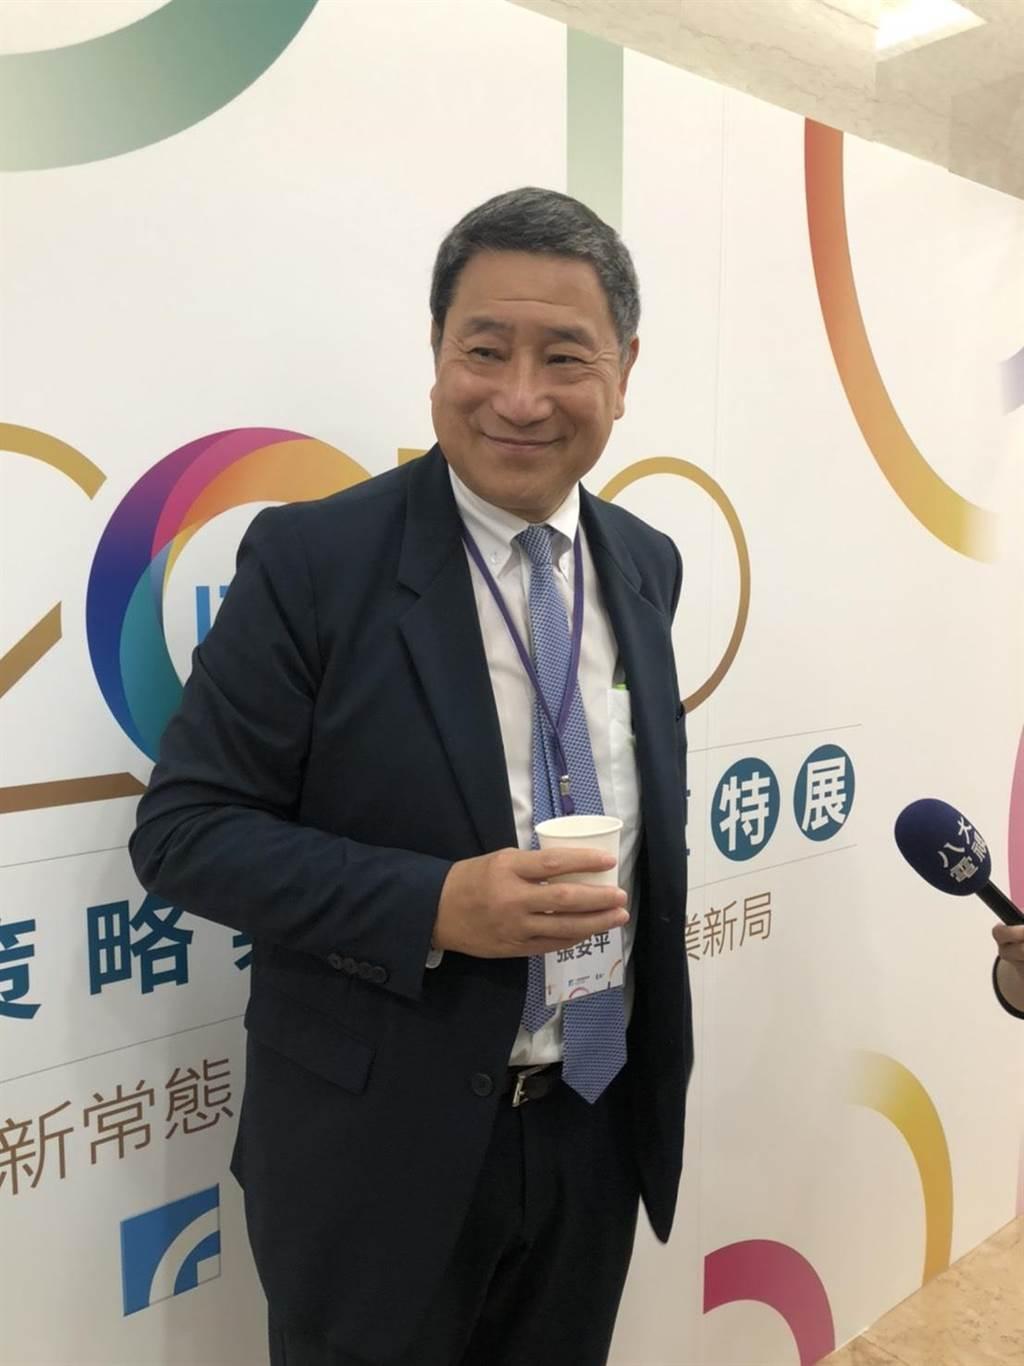 政府說CPTPP門檻高,中國想加入辦不到,台泥董事長張安平直說「你在開我玩笑嗎!」,「中國當然有實力參加」。(圖:王玉樹攝)